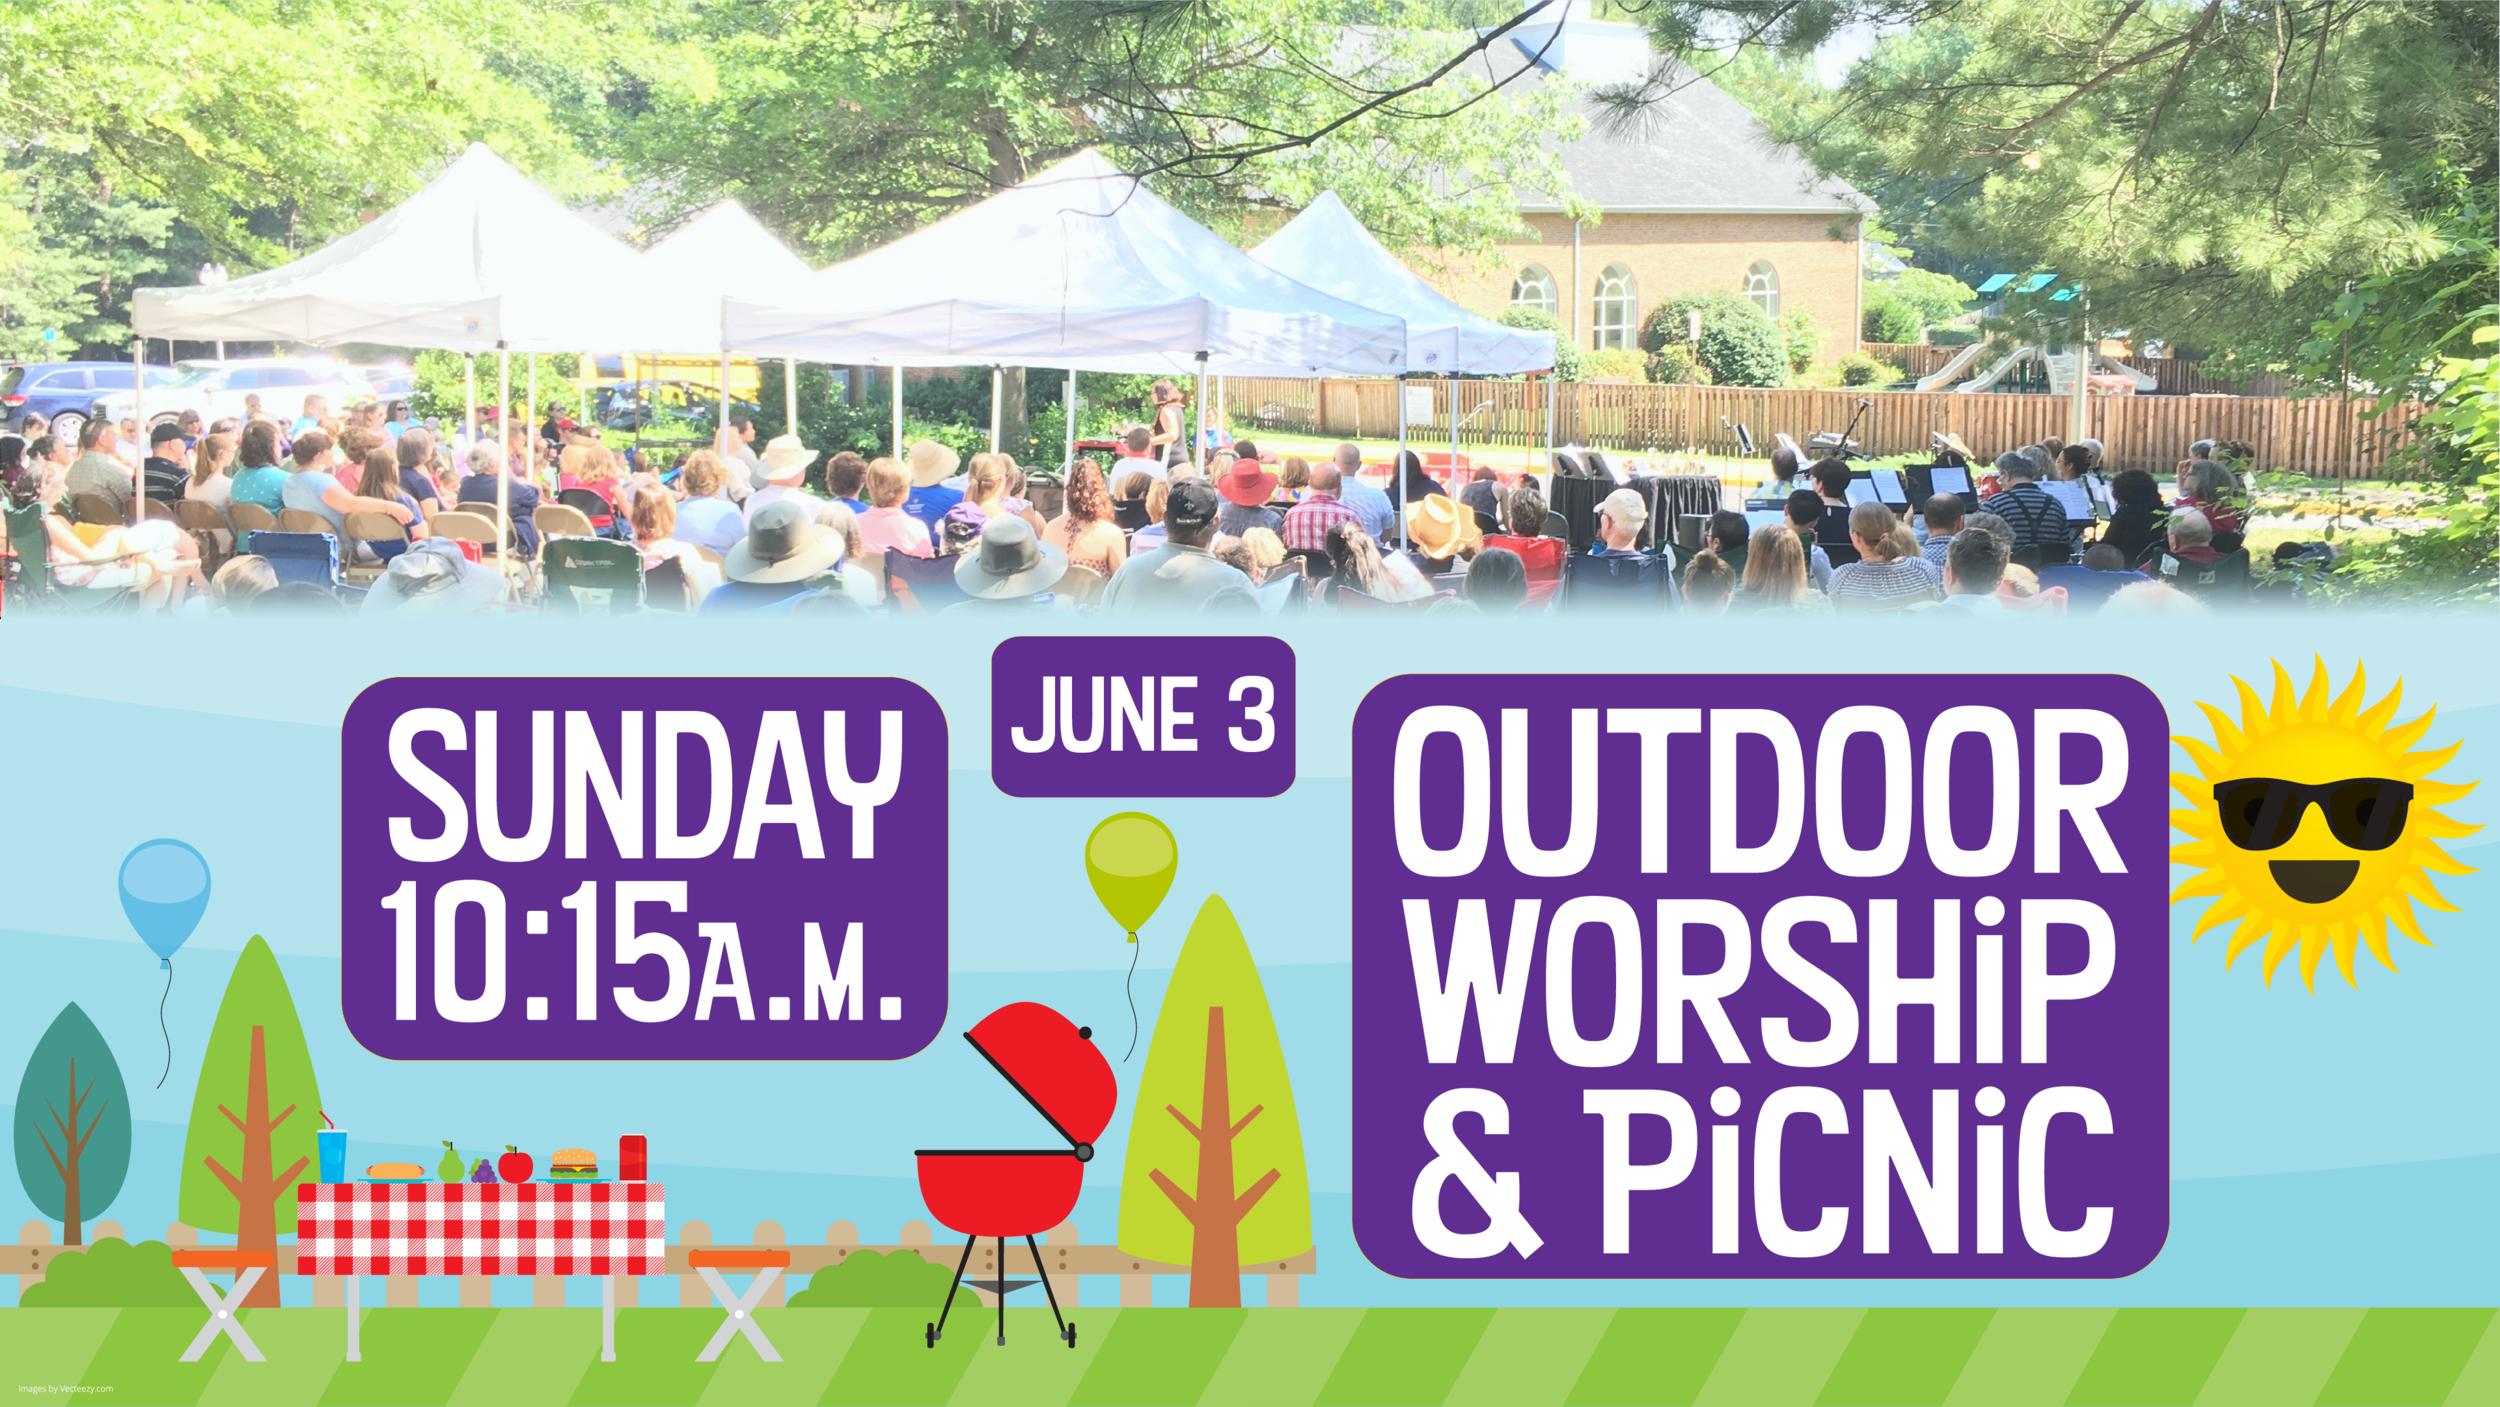 Outdoor Worship & Picnic 1015am v1 outlines slide June 3.png